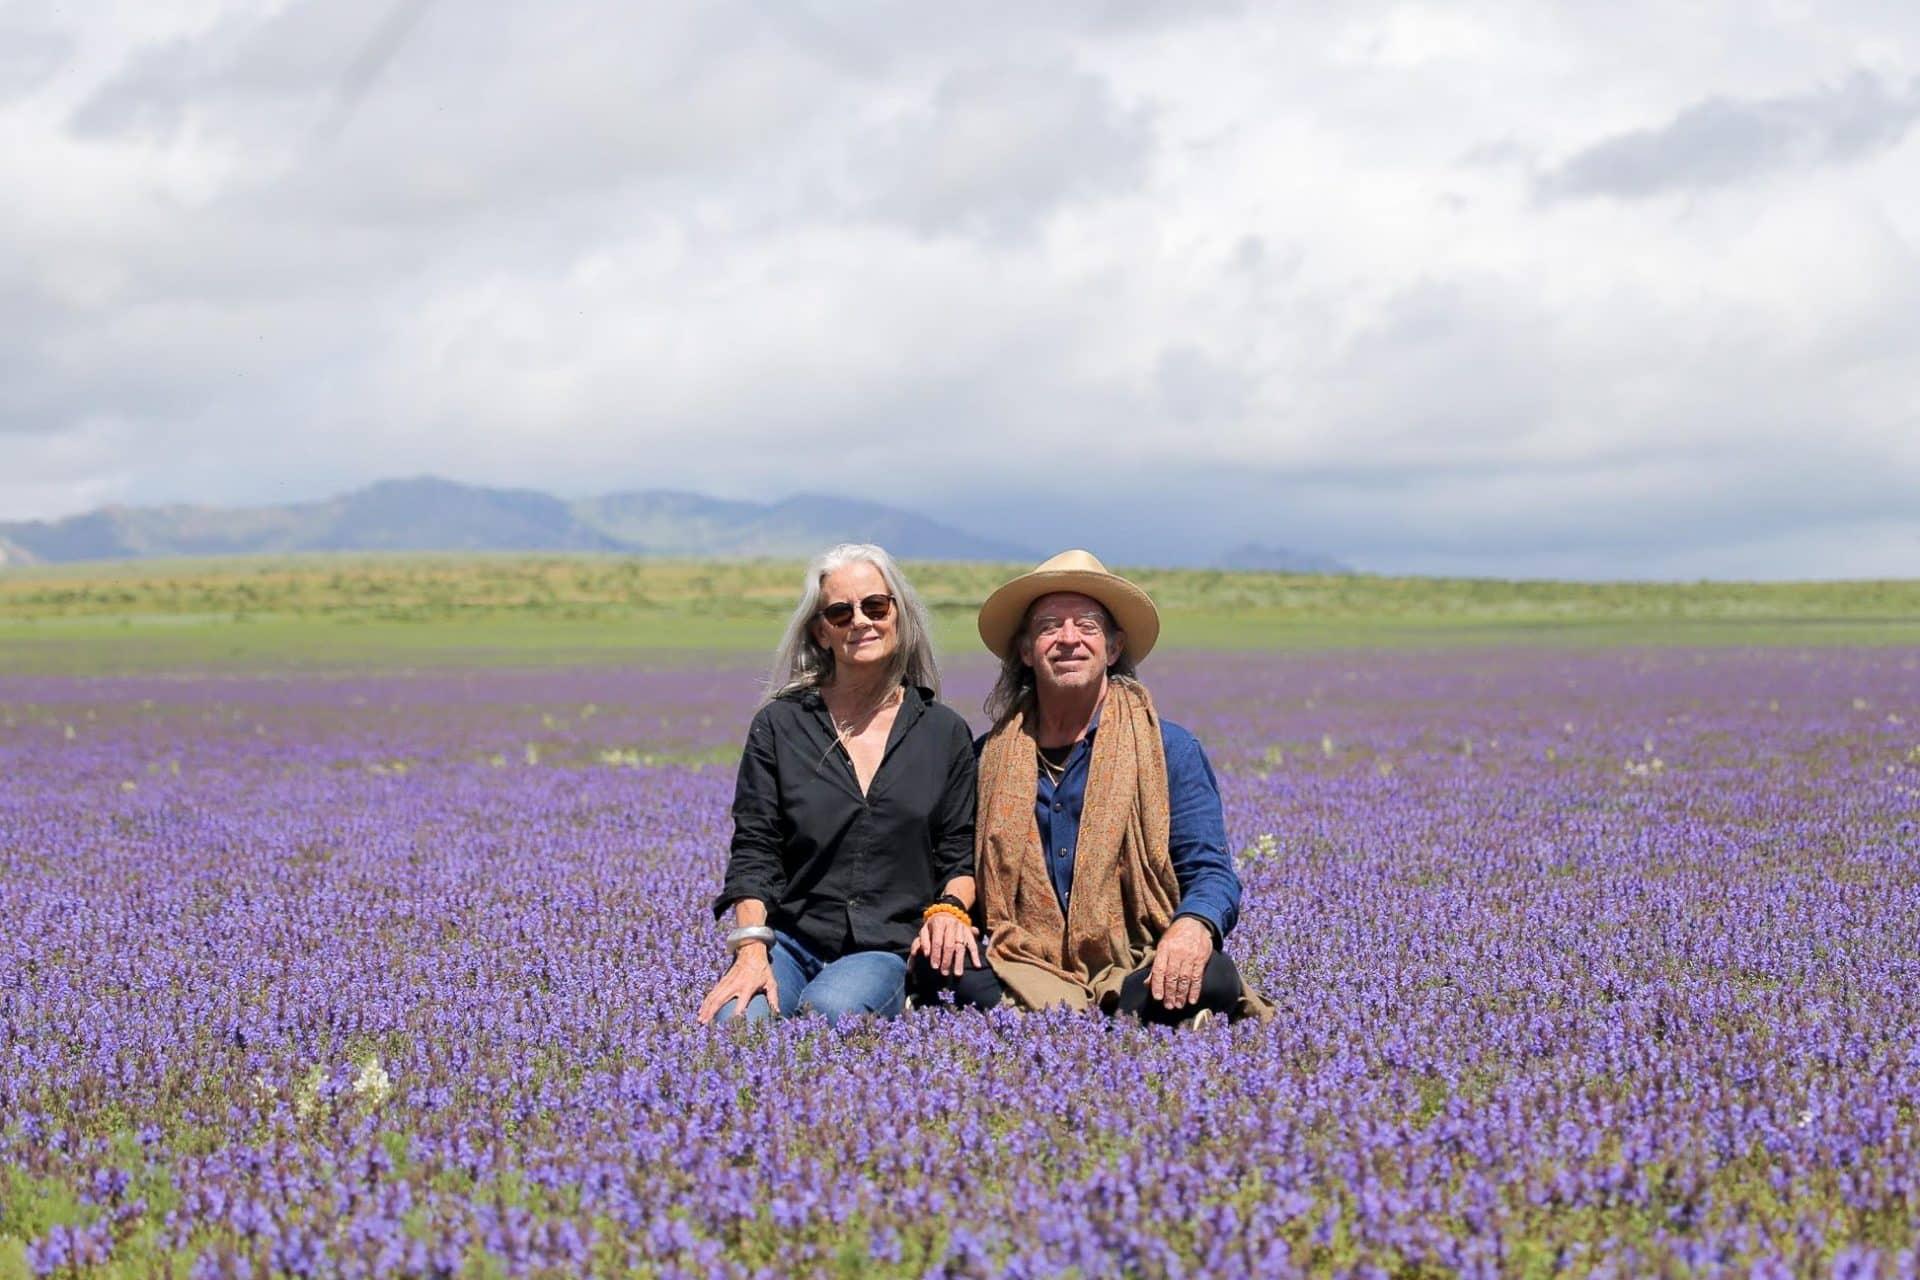 John Hardy and Cynthia Hardy